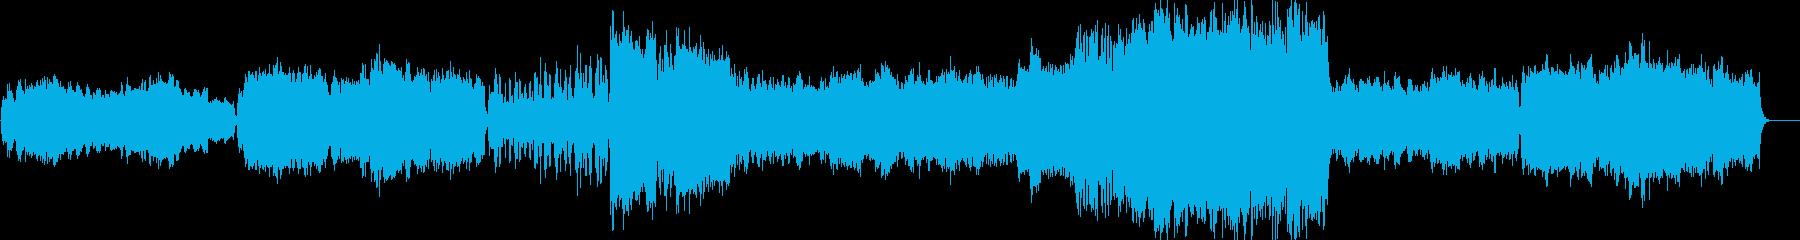 クラシック:穏やか、ゆったり、哀愁の再生済みの波形